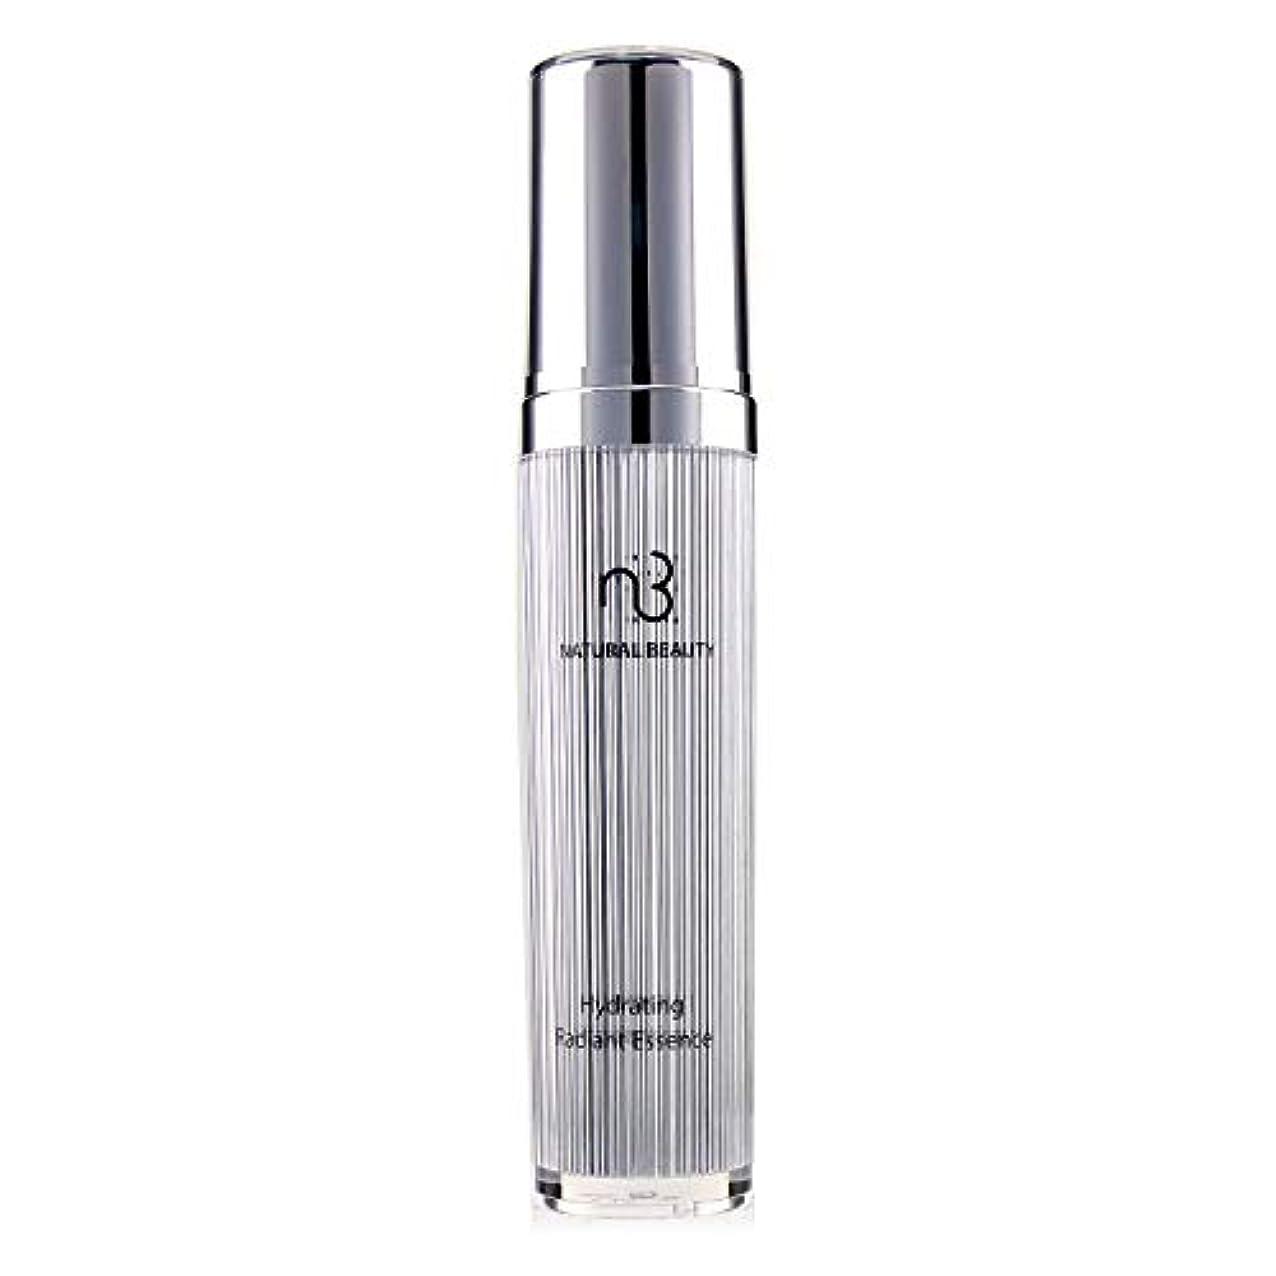 モーター船乗り高音自然の美 ハイドレイティングラディアントエッセンス Natural Beauty Hydrating Radiant Essence 50ml/1.7oz並行輸入品